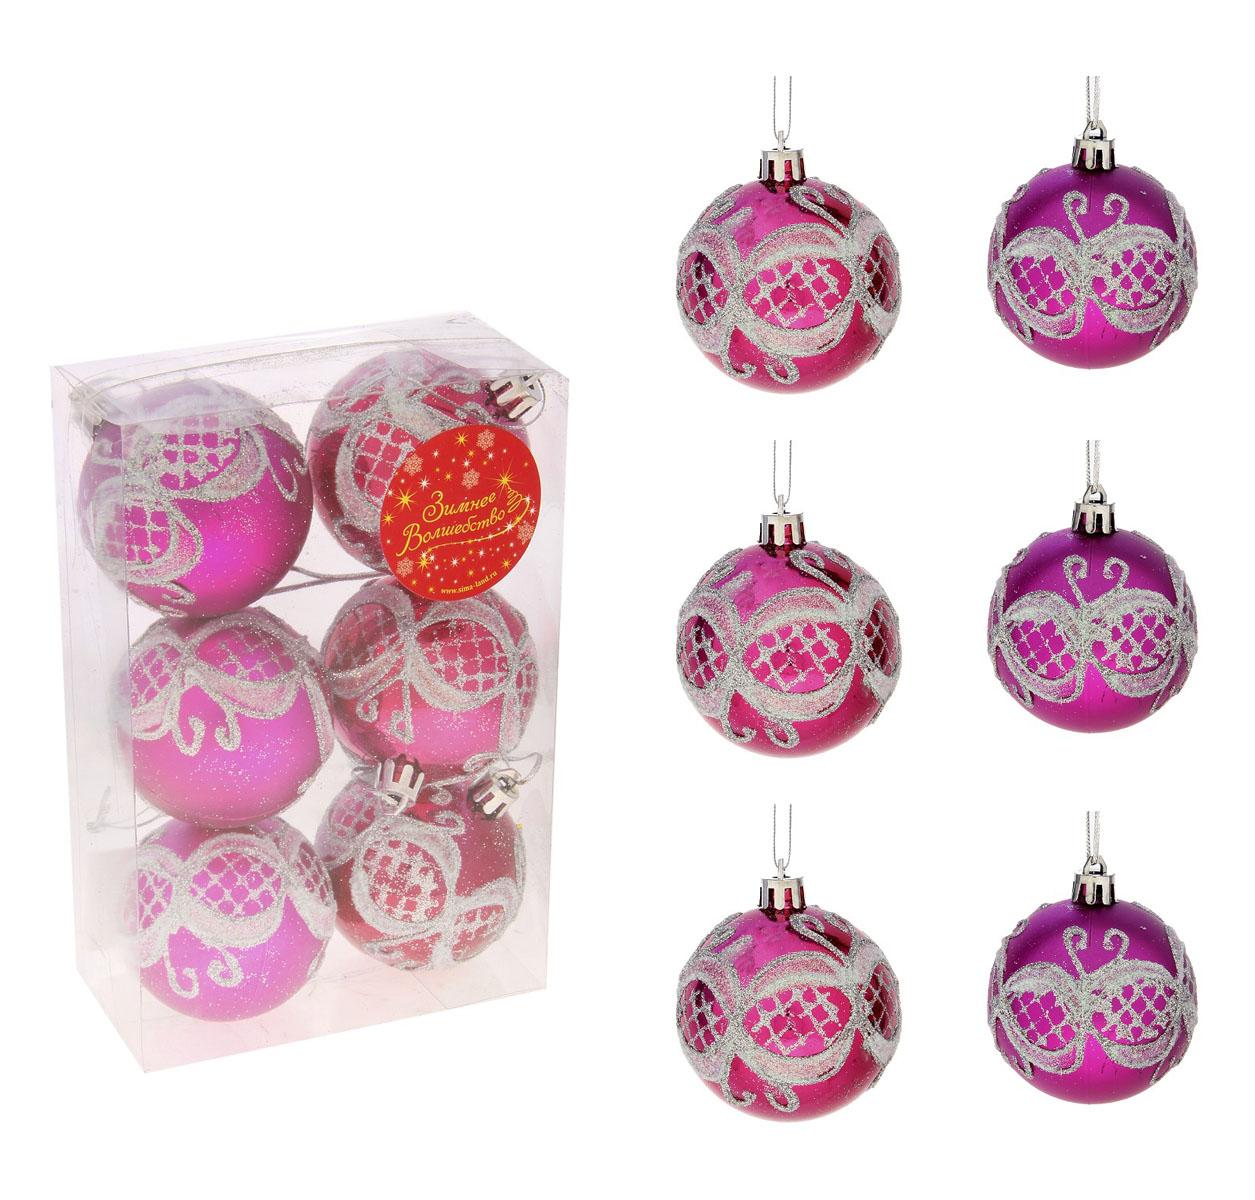 Набор новогодних подвесных украшений Sima-land Шар, цвет: розовый, диаметр 6 см, 6 шт. 717909717909Набор новогодних подвесных украшений Sima-land Шар прекрасно подойдет для праздничного декора новогодней ели. Набор состоит из 6 игрушек, выполненных из пластика и украшенных блестками. Для удобного размещения на елке для каждой игрушки предусмотрена текстильная петелька. Елочная игрушка - символ Нового года. Она несет в себе волшебство и красоту праздника. Создайте в своем доме атмосферу веселья и радости, украшая новогоднюю елку нарядными игрушками, которые будут из года в год накапливать теплоту воспоминаний. Коллекция декоративных украшений принесет в ваш дом ни с чем не сравнимое ощущение волшебства! Откройте для себя удивительный мир сказок и грез. Почувствуйте волшебные минуты ожидания праздника, создайте новогоднее настроение вашим дорогим и близким.